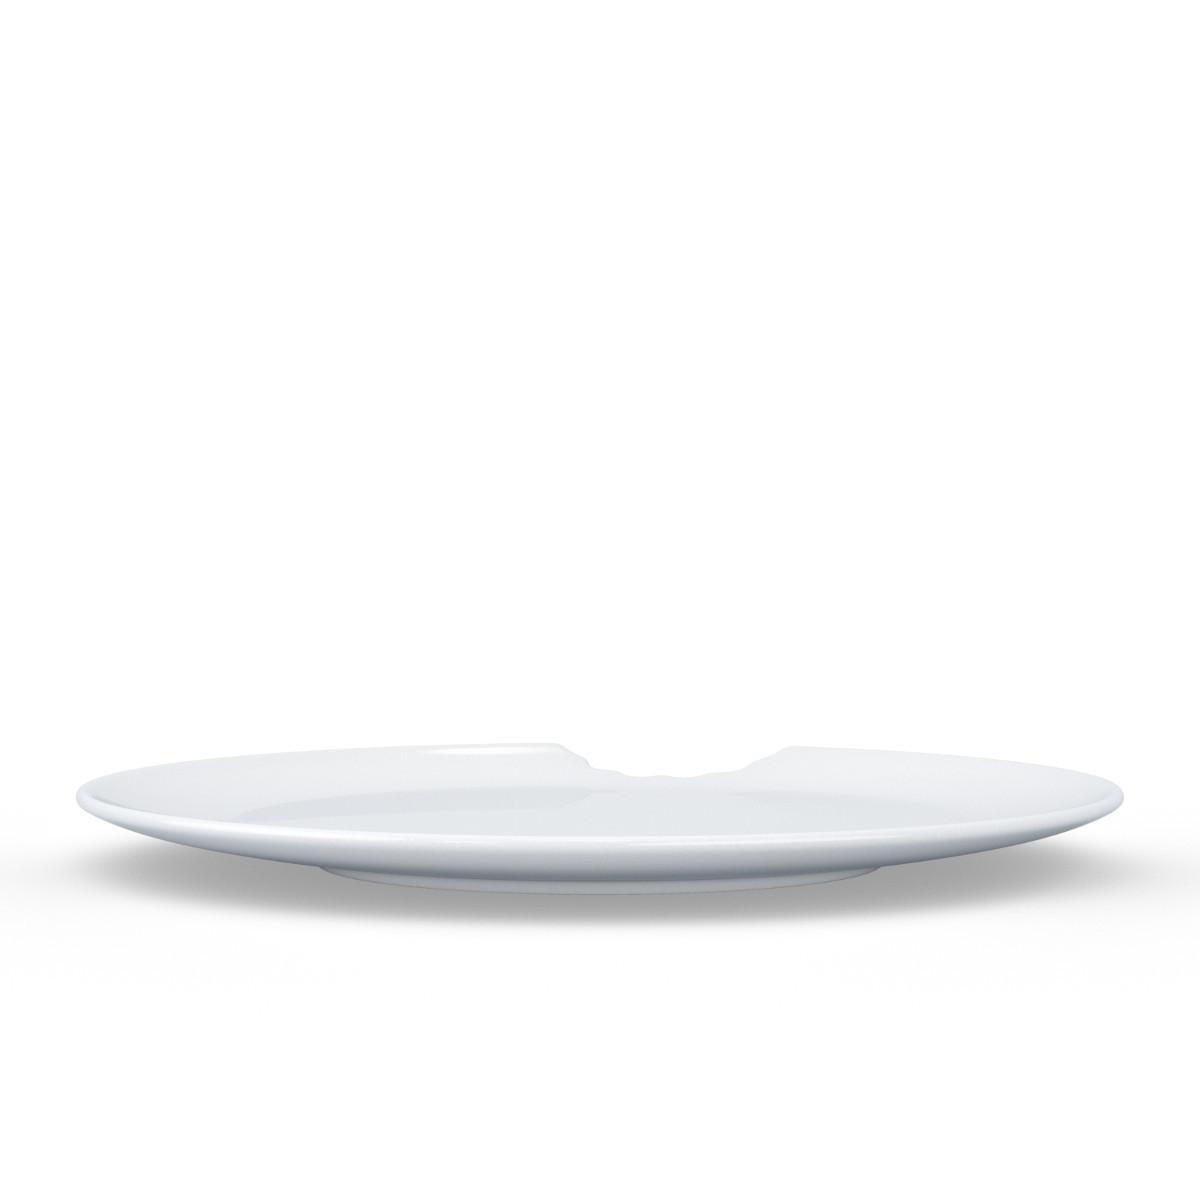 Zum Anbeißen: Teller mit Biss (2er-Set) - klein